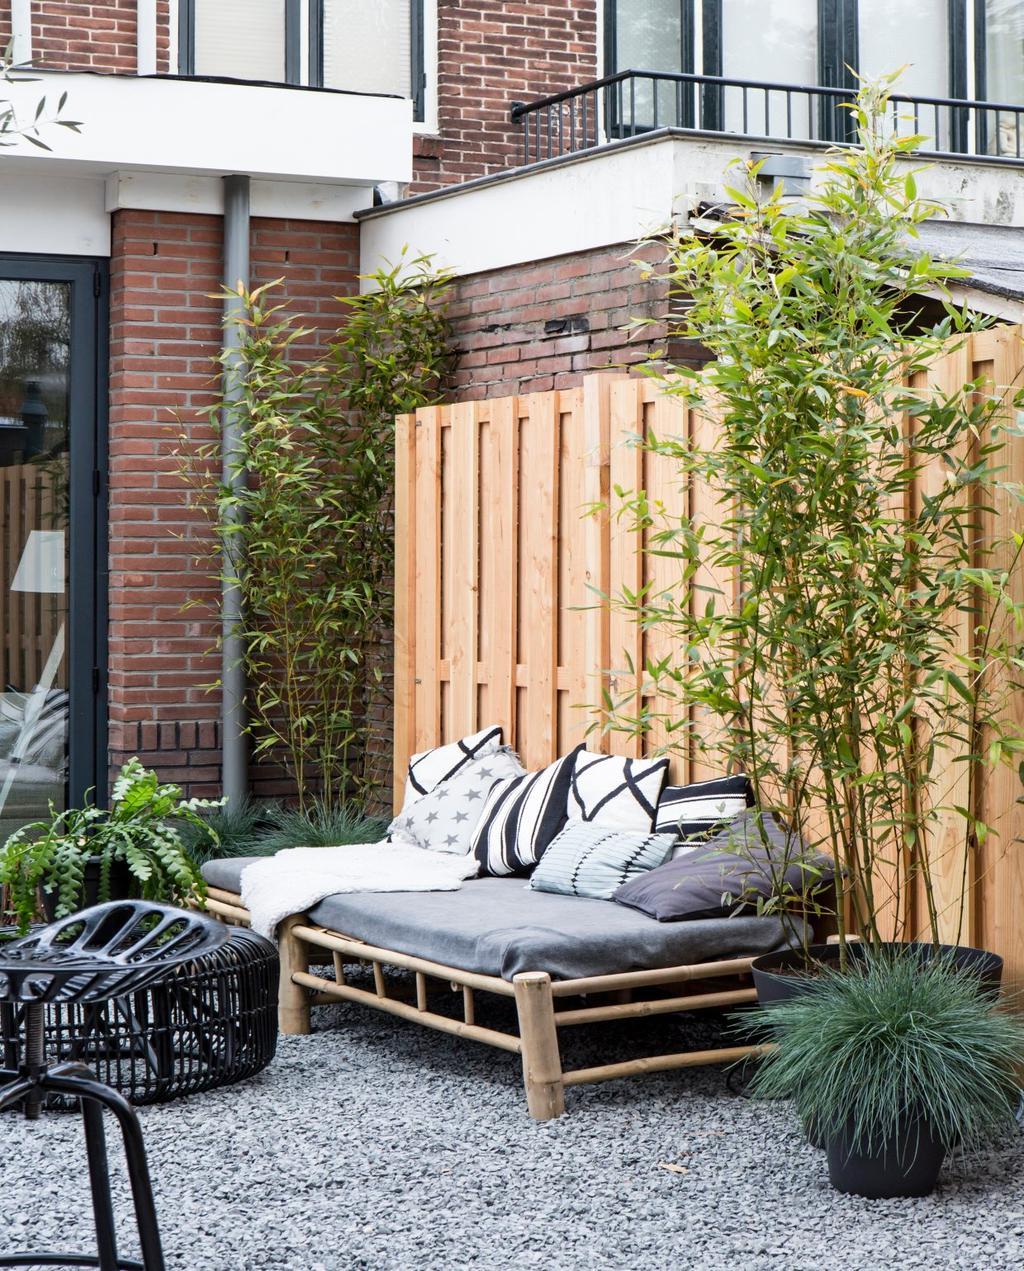 2017 vtwonen | terras bamboo loungebank grijs witte kussens